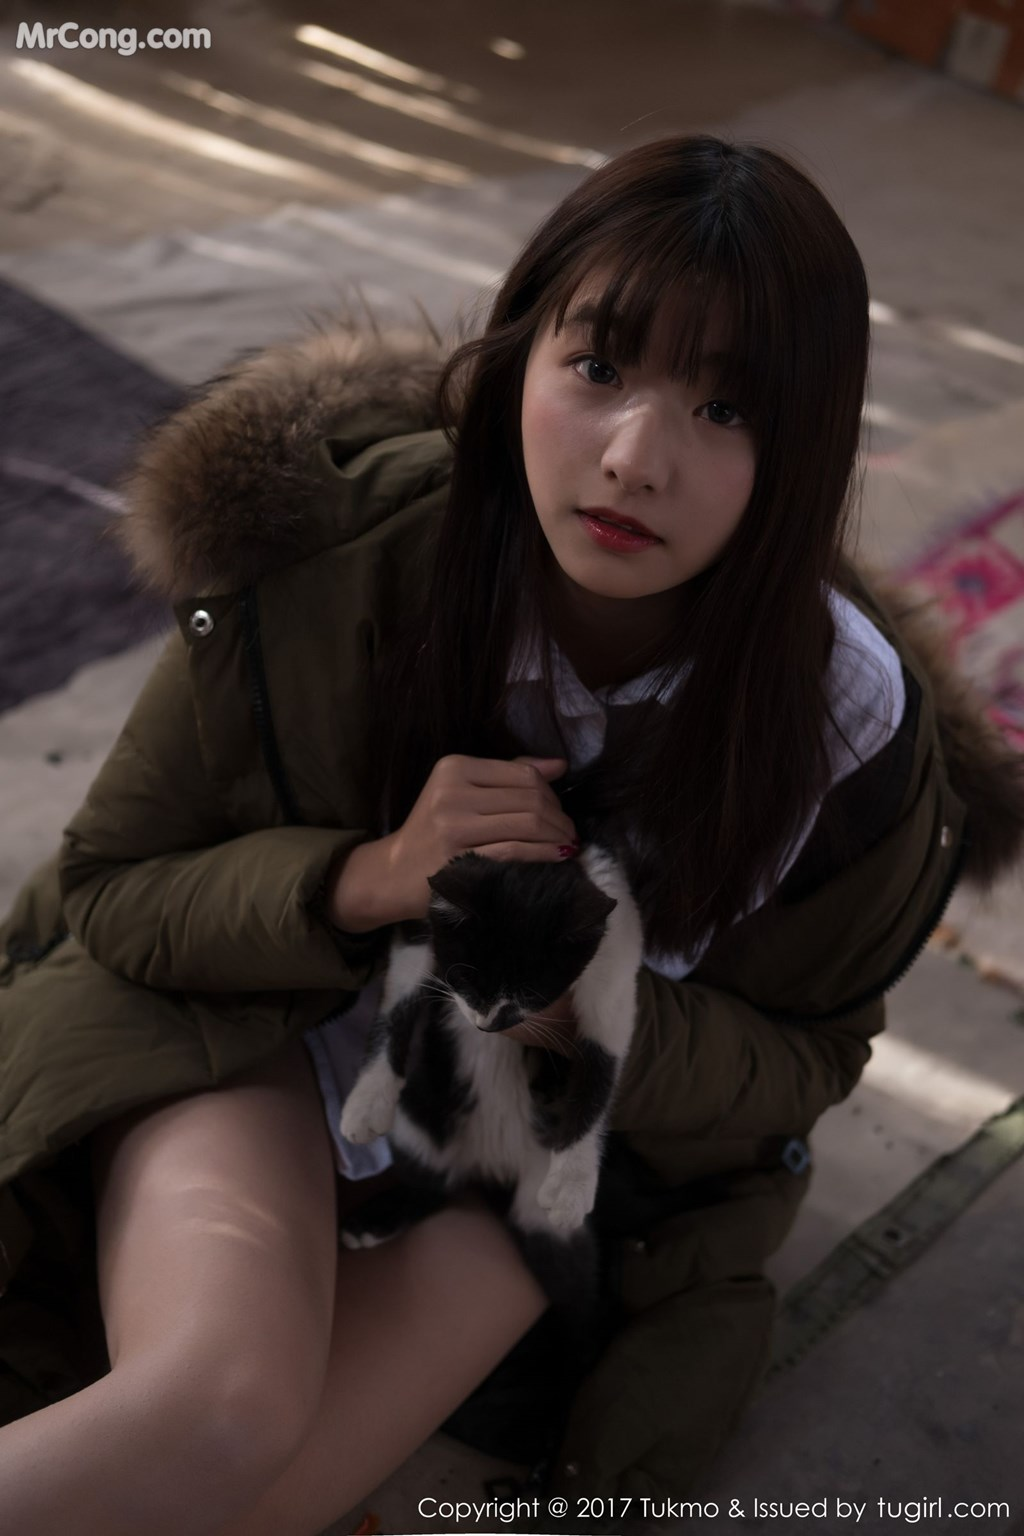 Image Tukmo-Vol.103-Qiu-Qiu-MrCong.com-004 in post Tukmo Vol.103: Người mẫu Qiu Qiu (球球) (43 ảnh)